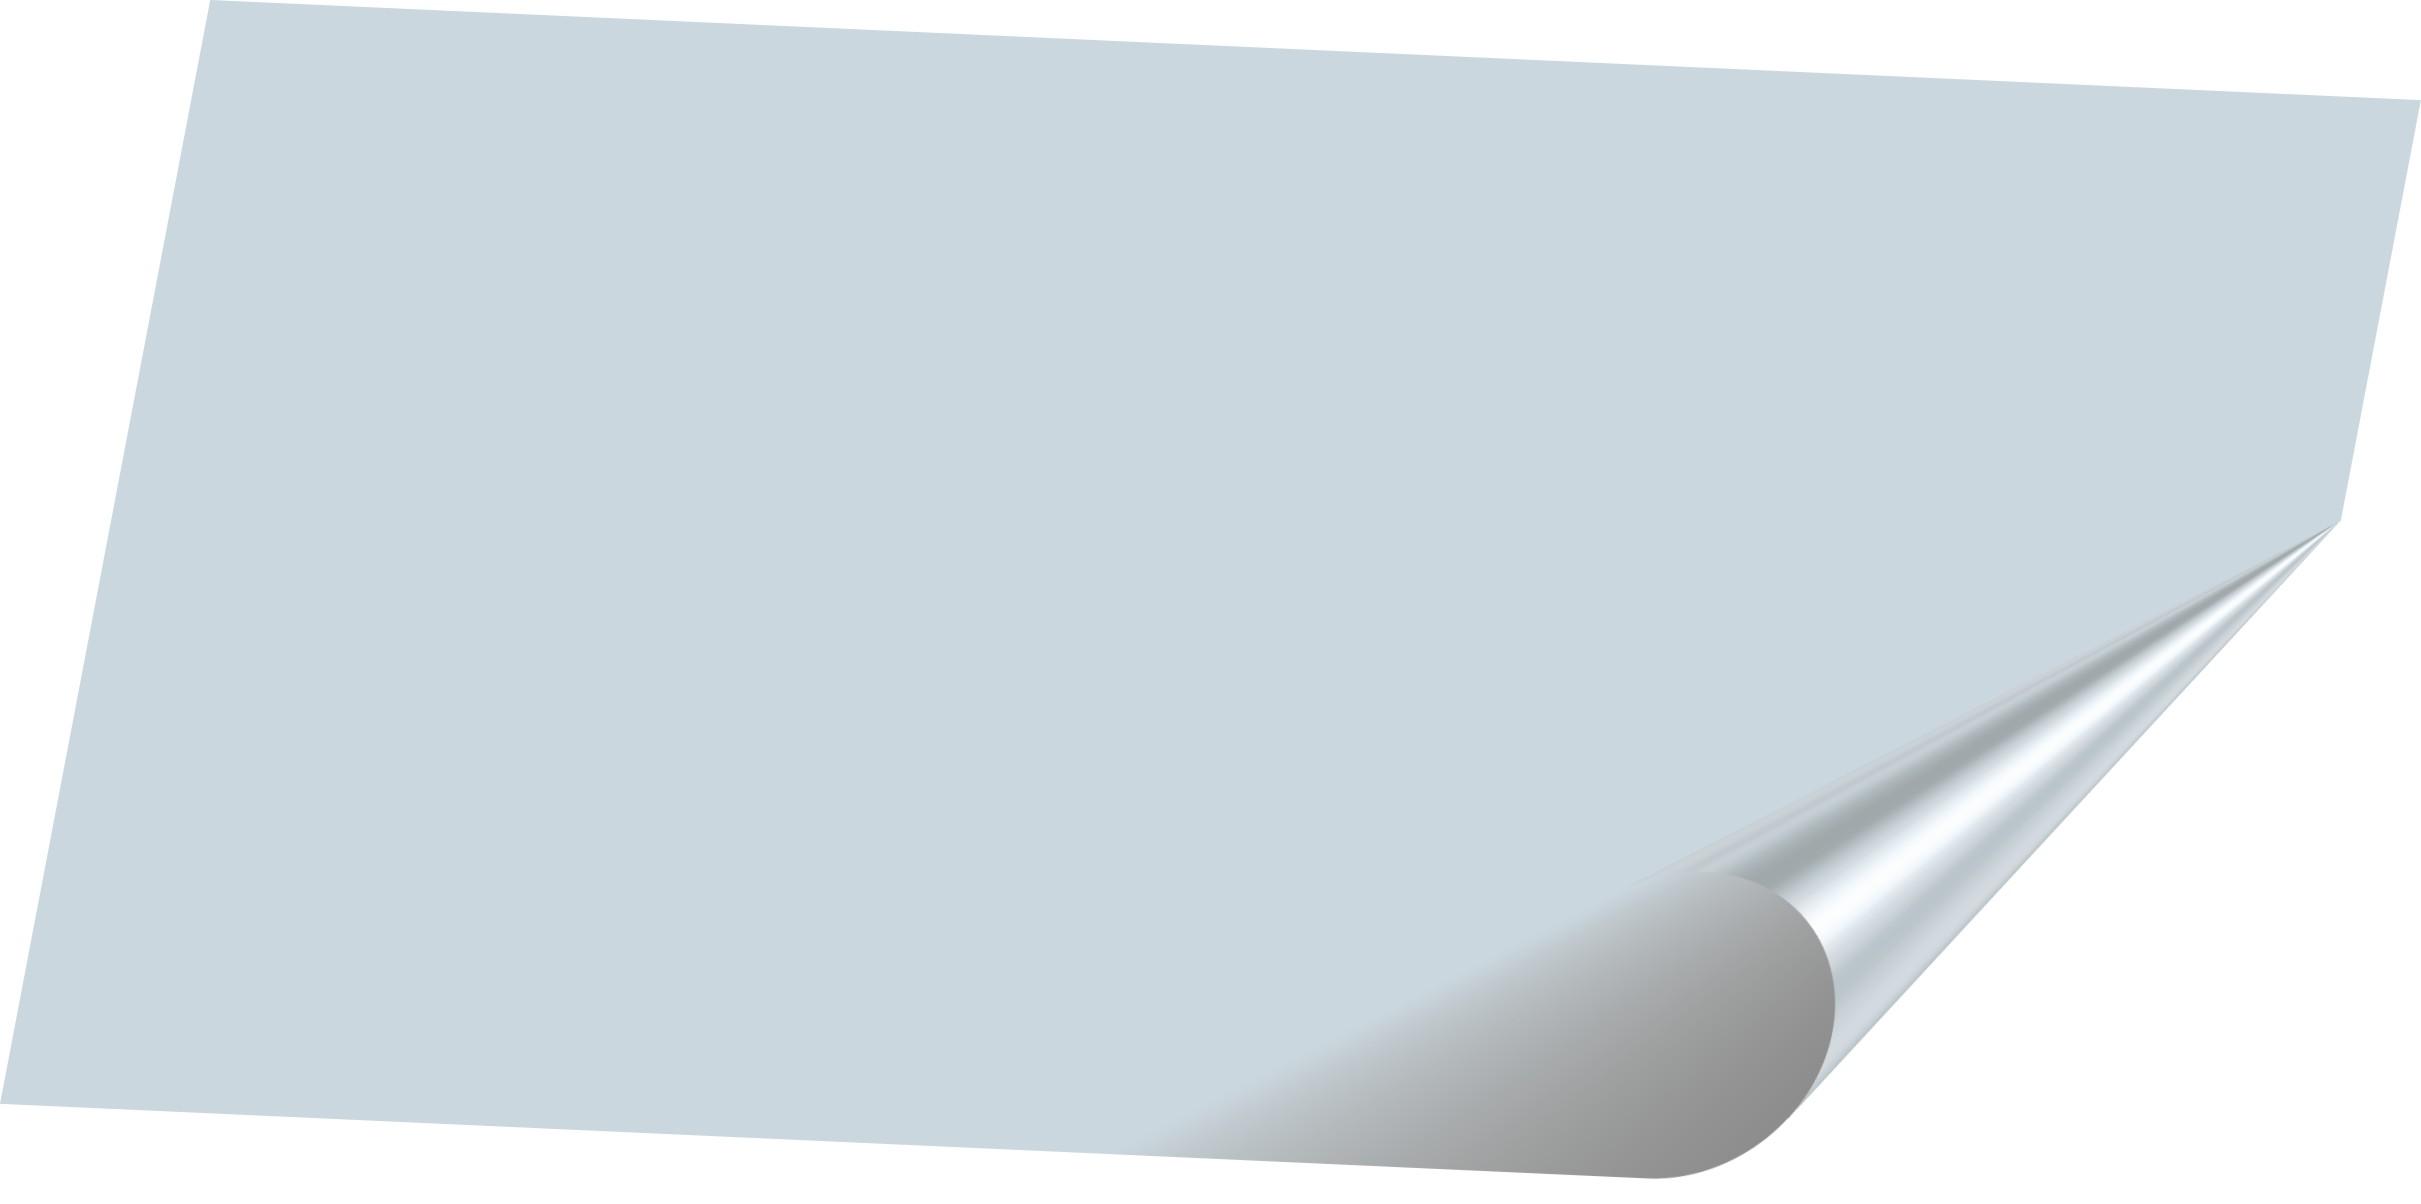 Entspiegelnde Displayschutzfolie Bildschirmschutzfolie 225 x 125 mm (10,1 Zoll)